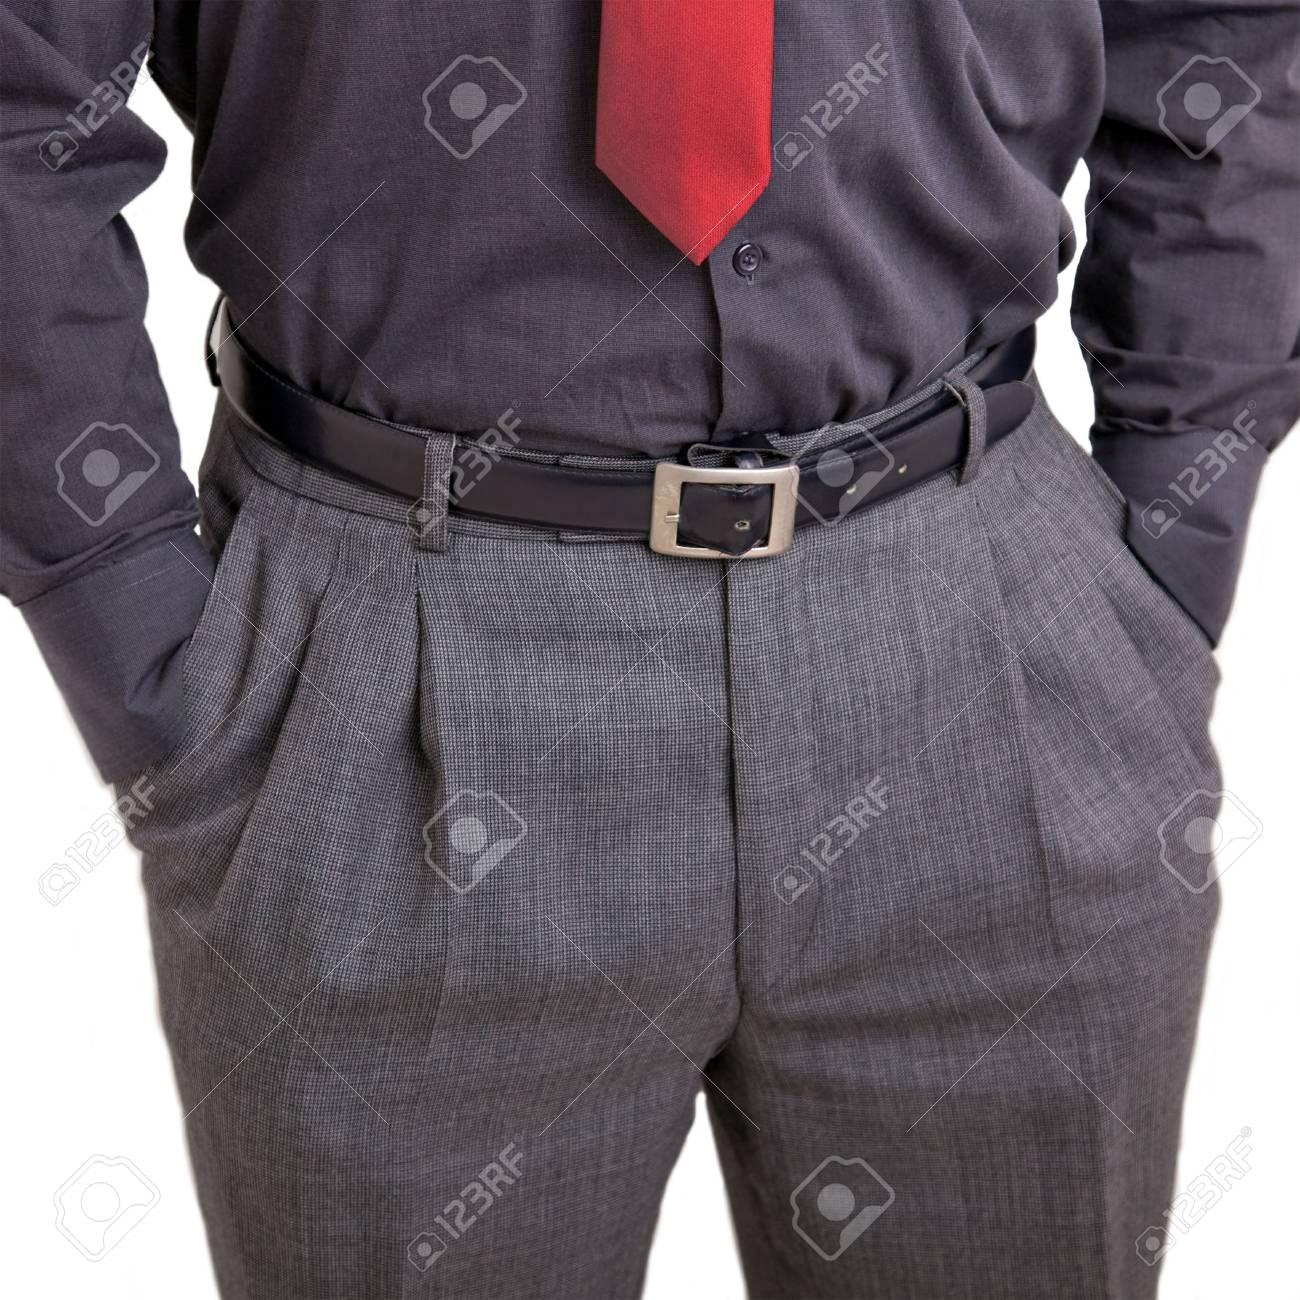 In hosentasche hände der Körpersprache Mann